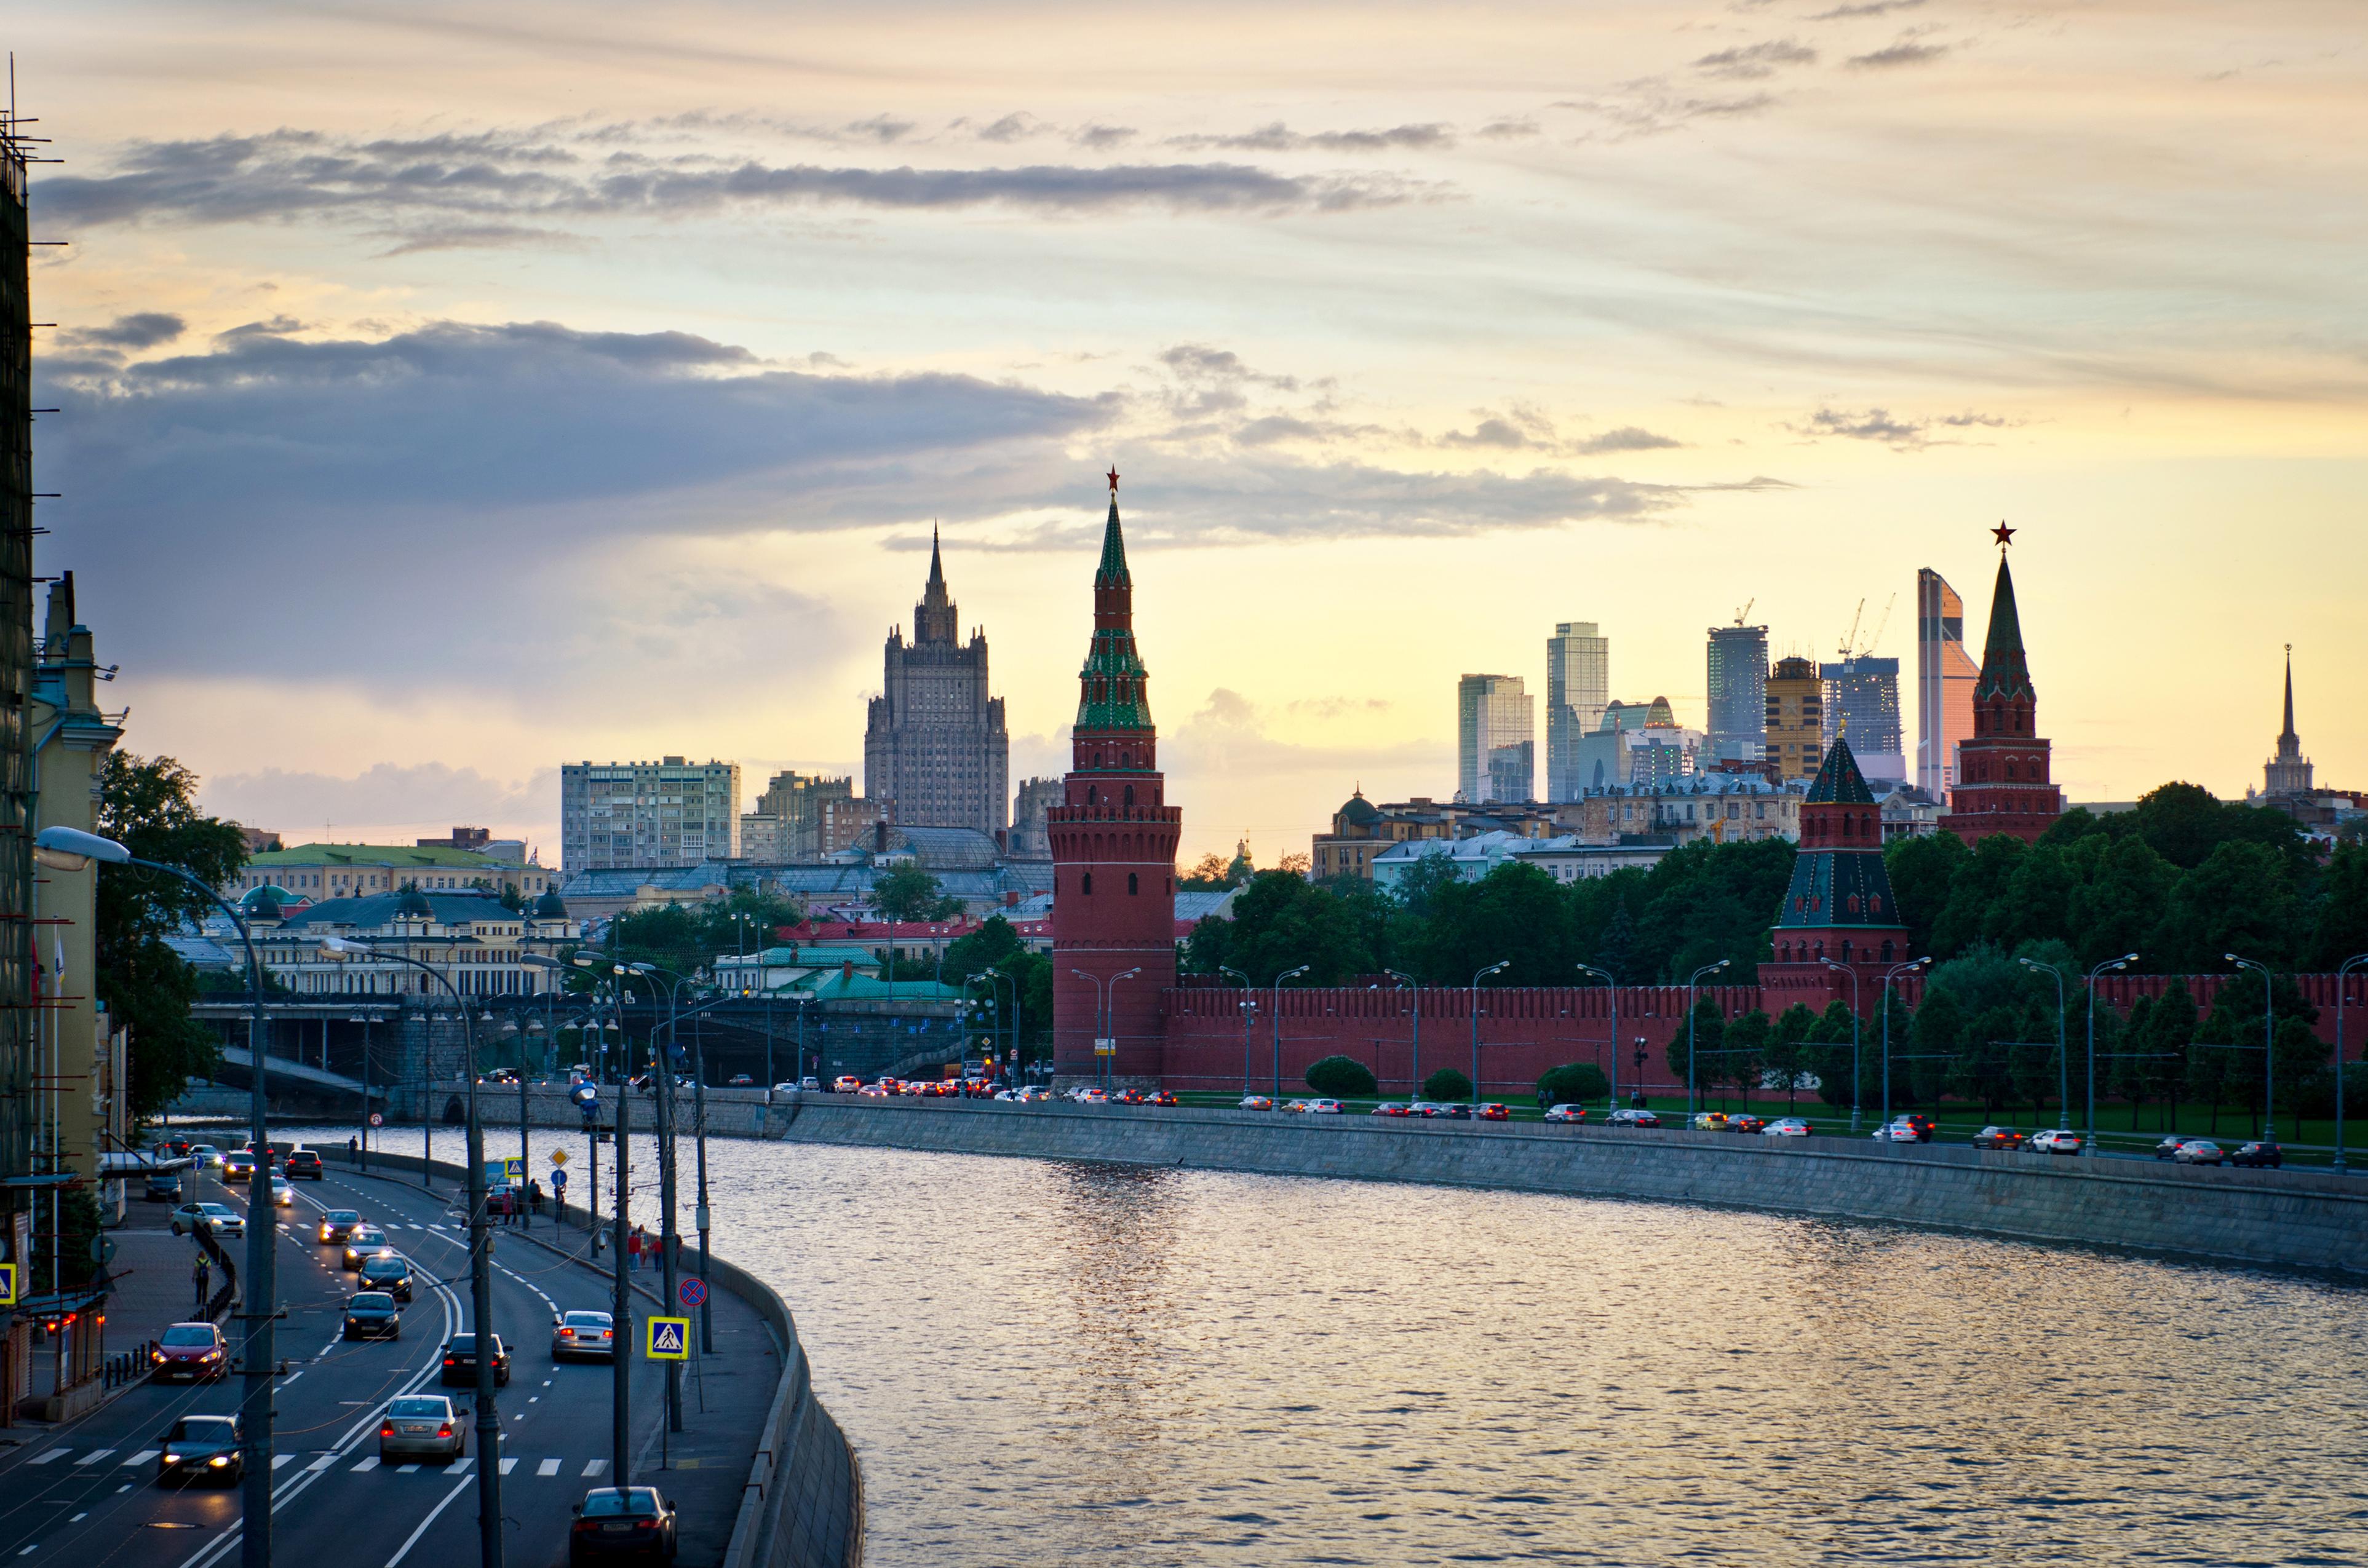 набережная кремлевская москва фото